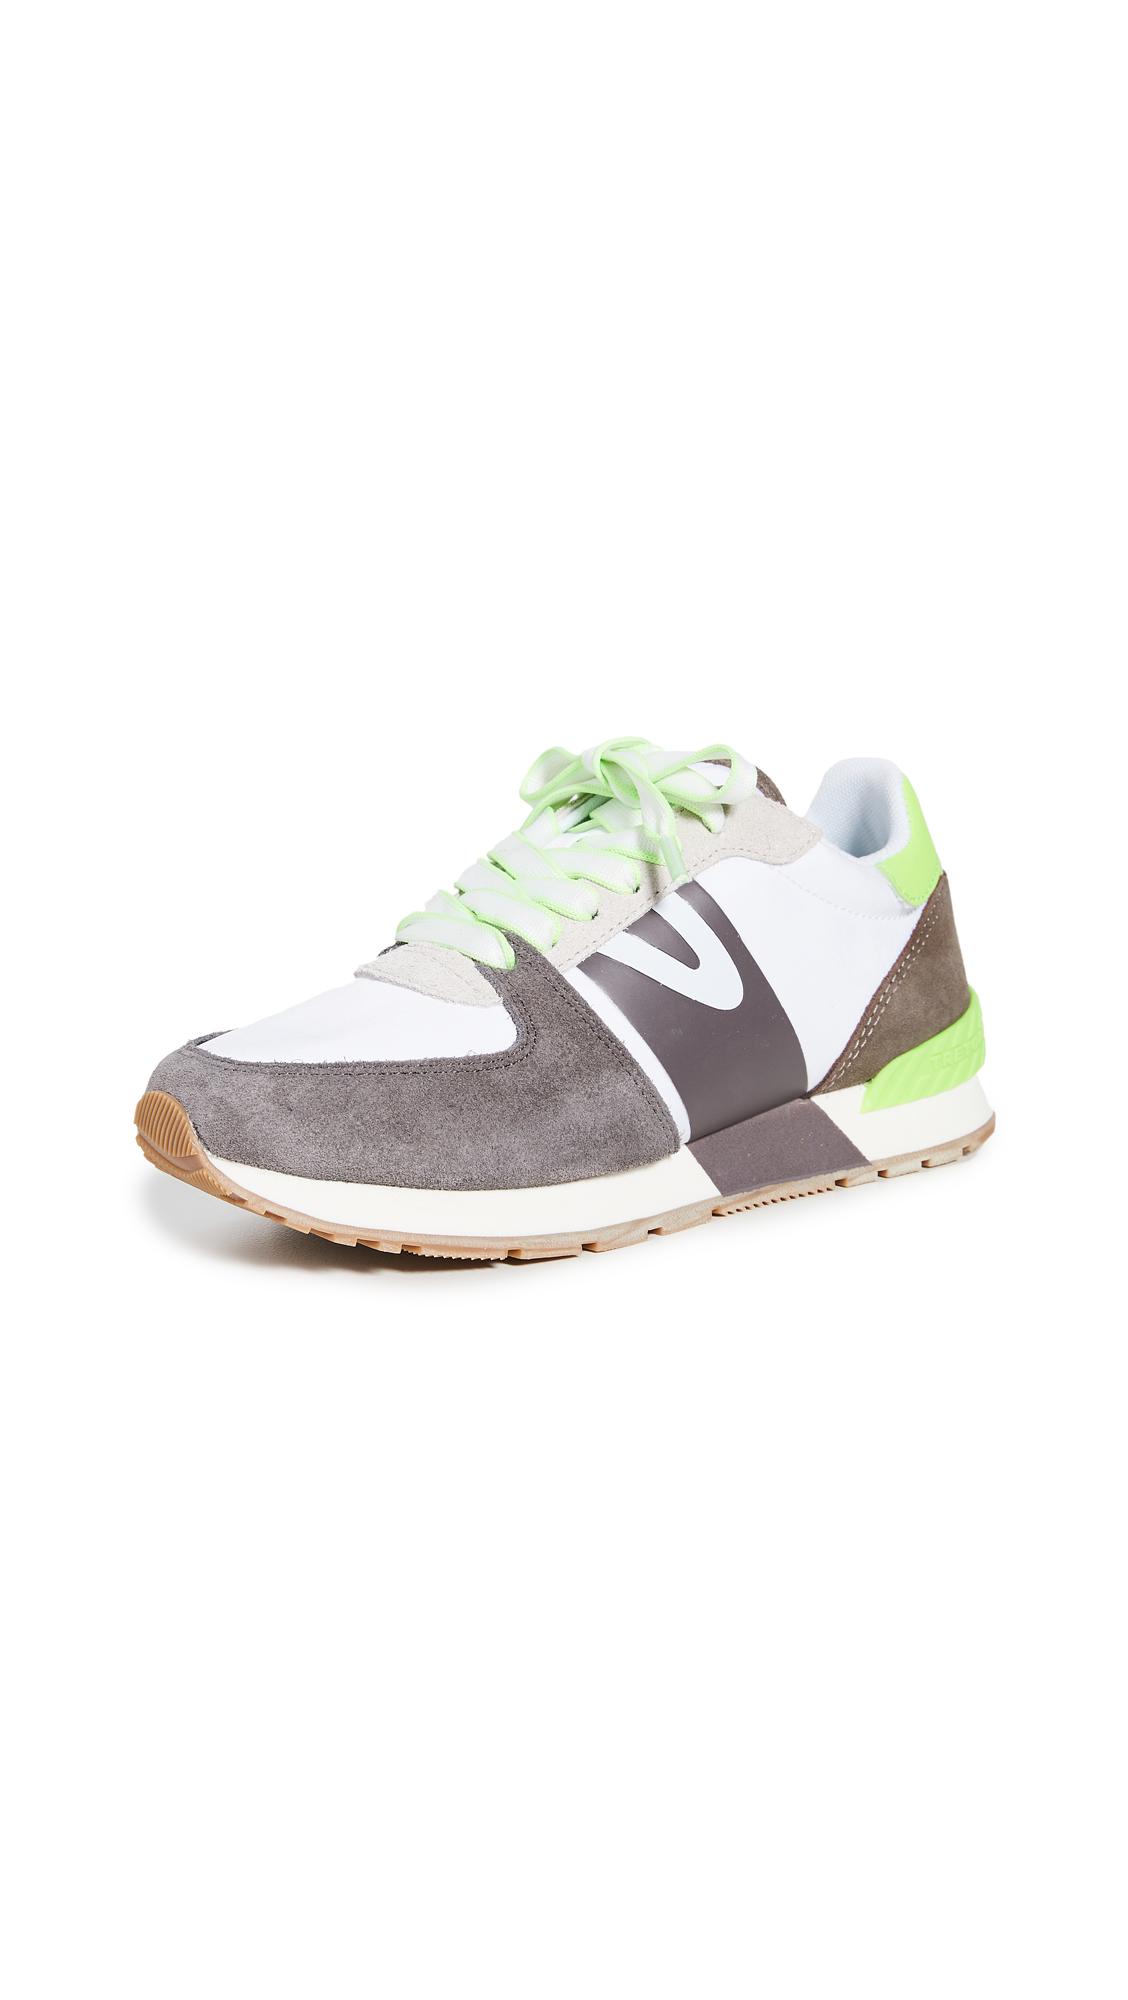 Tretorn Loyola 2 Sneakers - 50% Off Sale